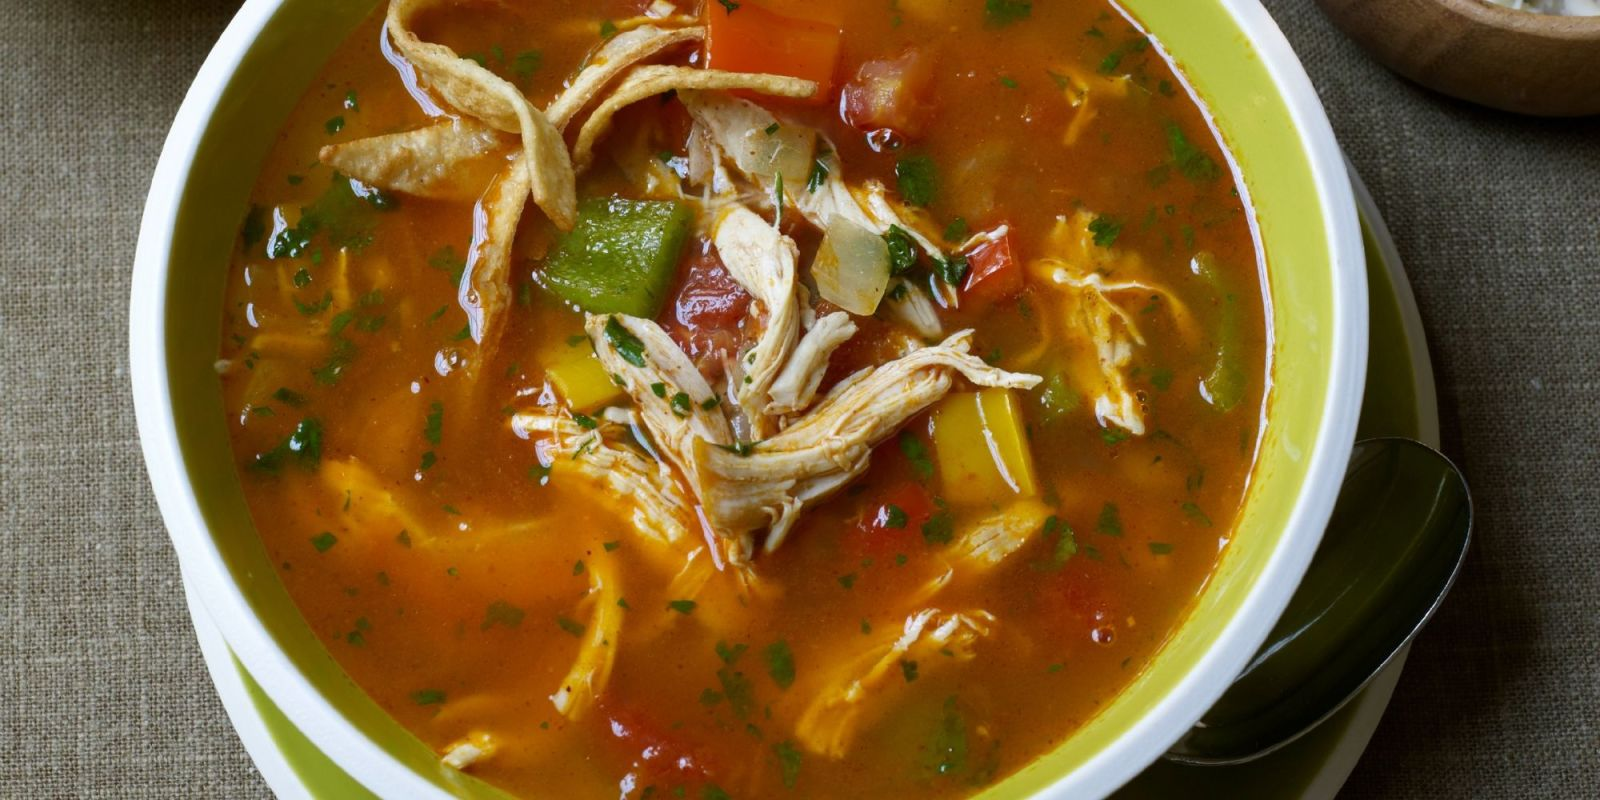 Tortilla Soup Recipes - Mexican Soup Recipes